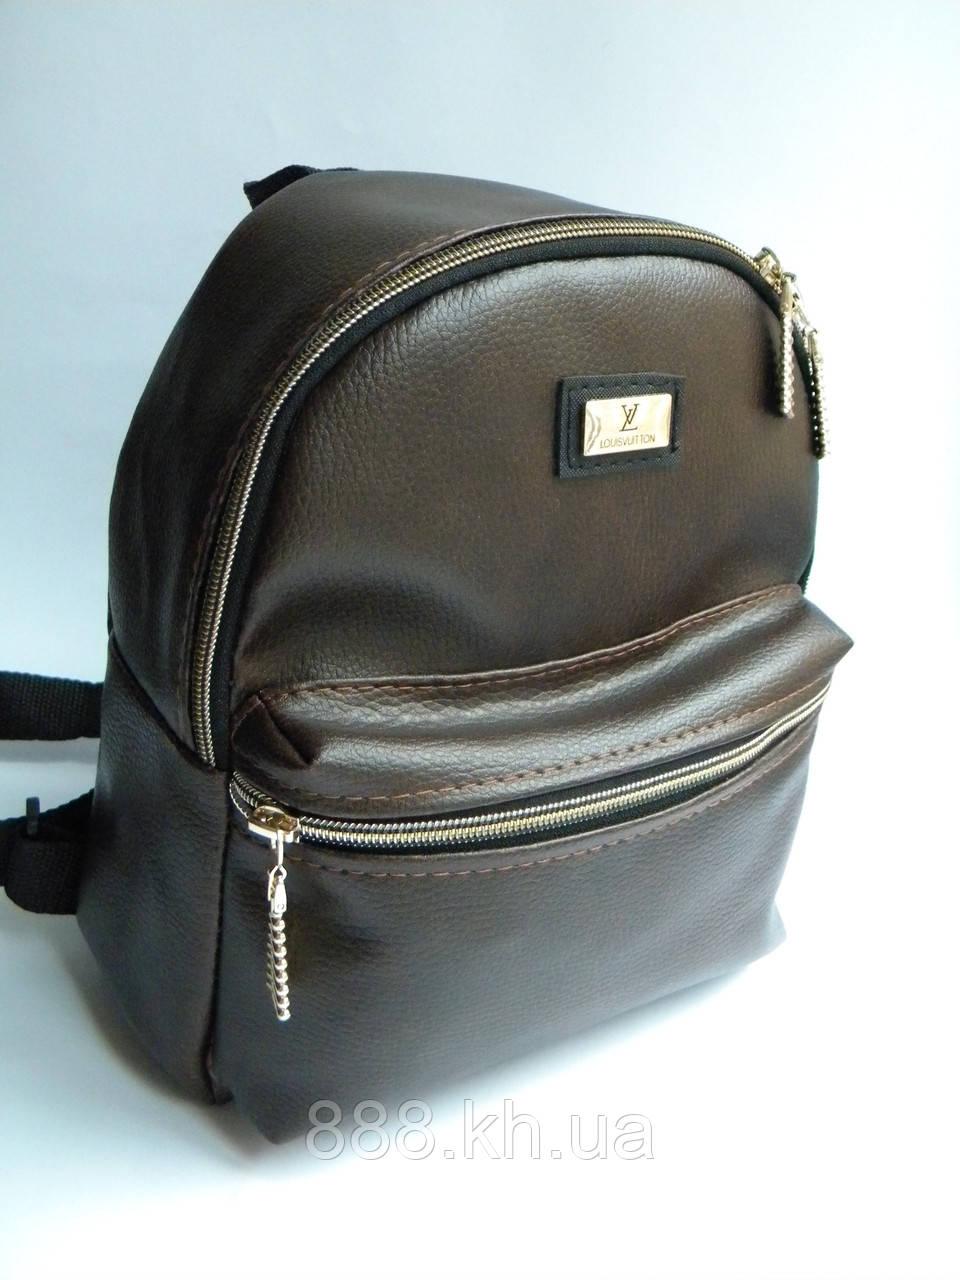 Женский кожаный рюкзак мини CHANEL коричневый не оригинал